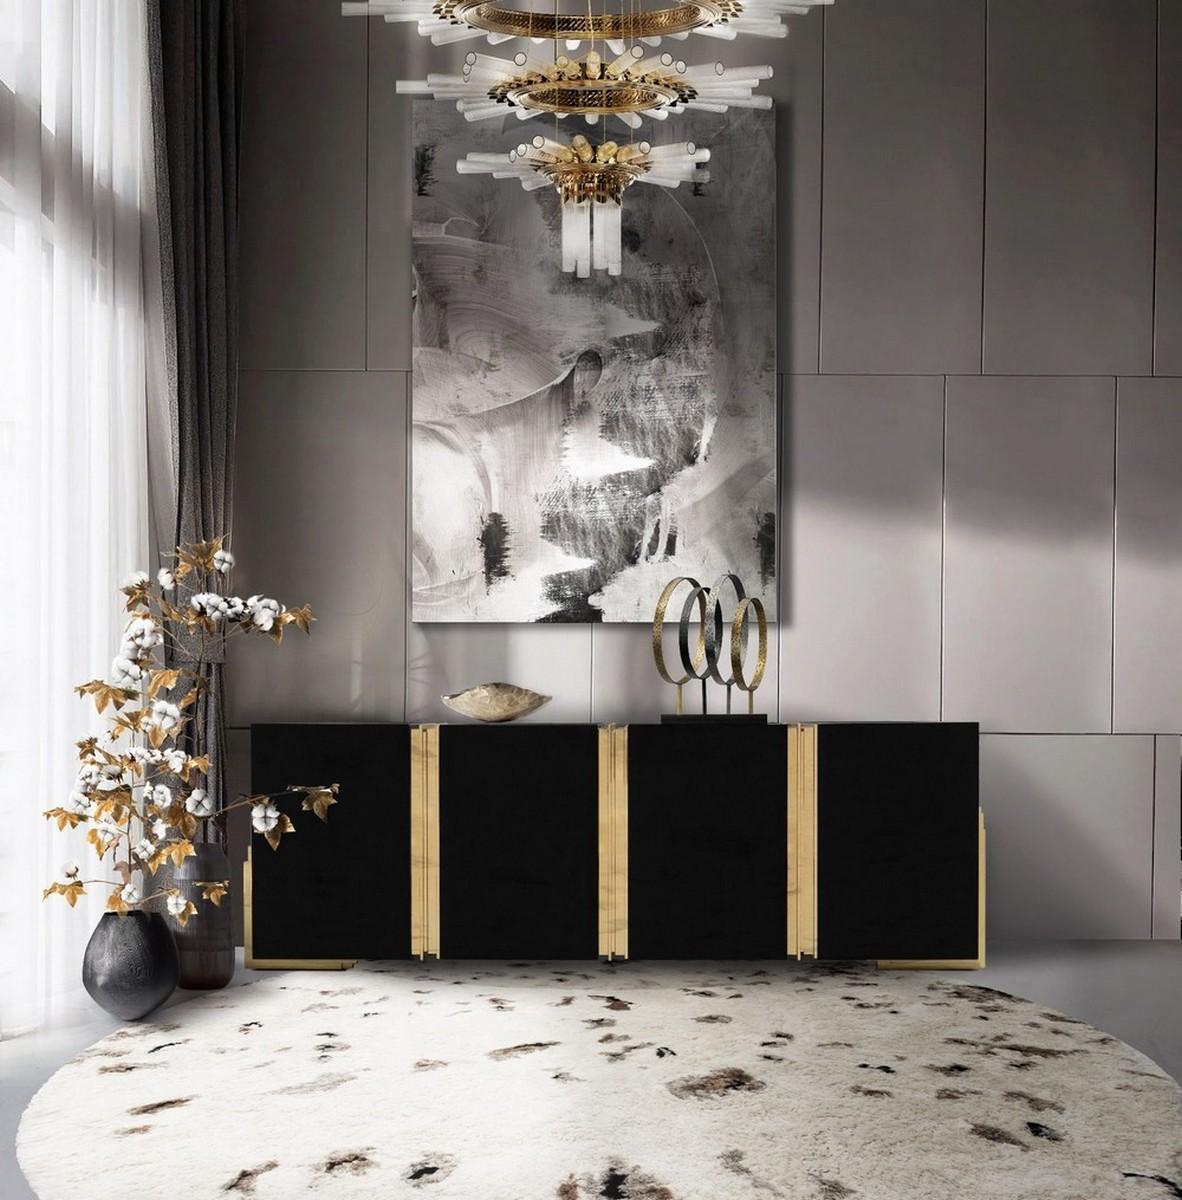 Ideas de Decoración: Alfombras lujuosas y poderosas para un proyecto exclusivo ideas de decoración Ideas de Decoración: Alfombras lujuosas y poderosas para un proyecto exclusivo 462da5e5d0fe869e112aca9ac1a36ced